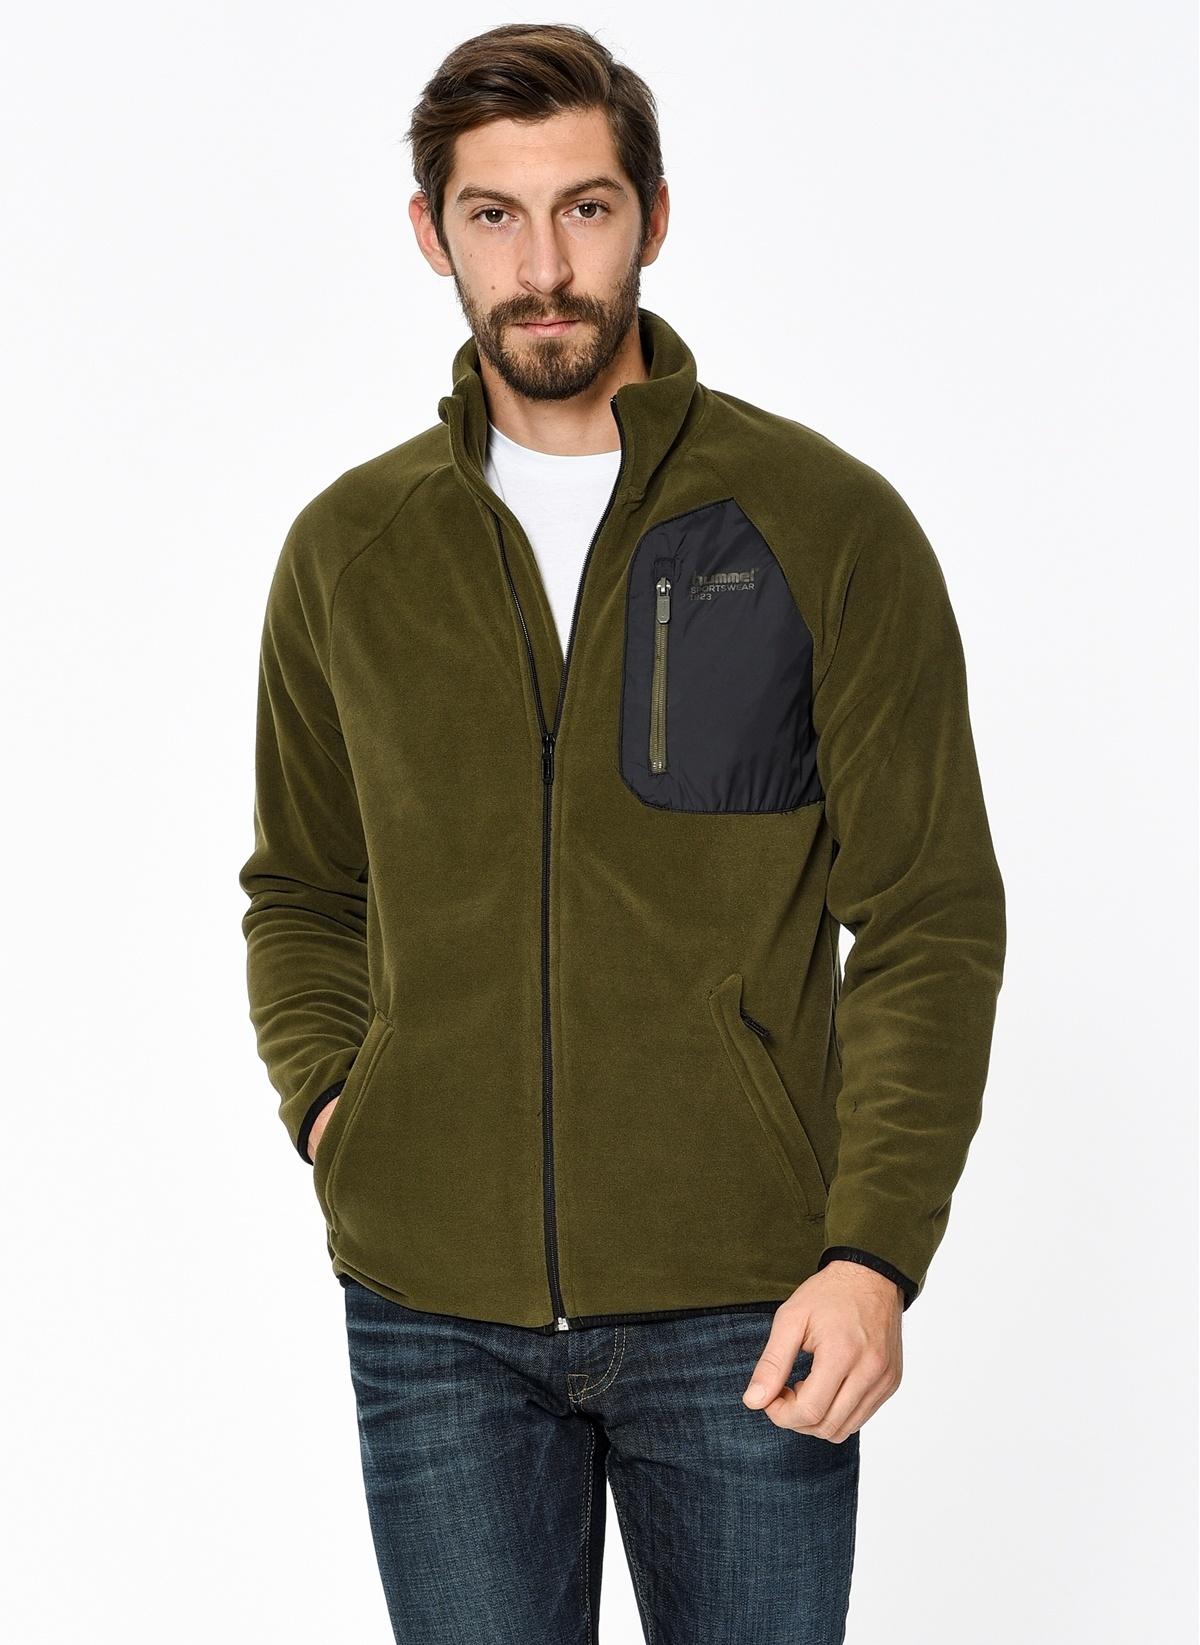 Hummel Polar Sweatshirt T37462-6119 Raff Fleece Zip Jacket – 89.95 TL